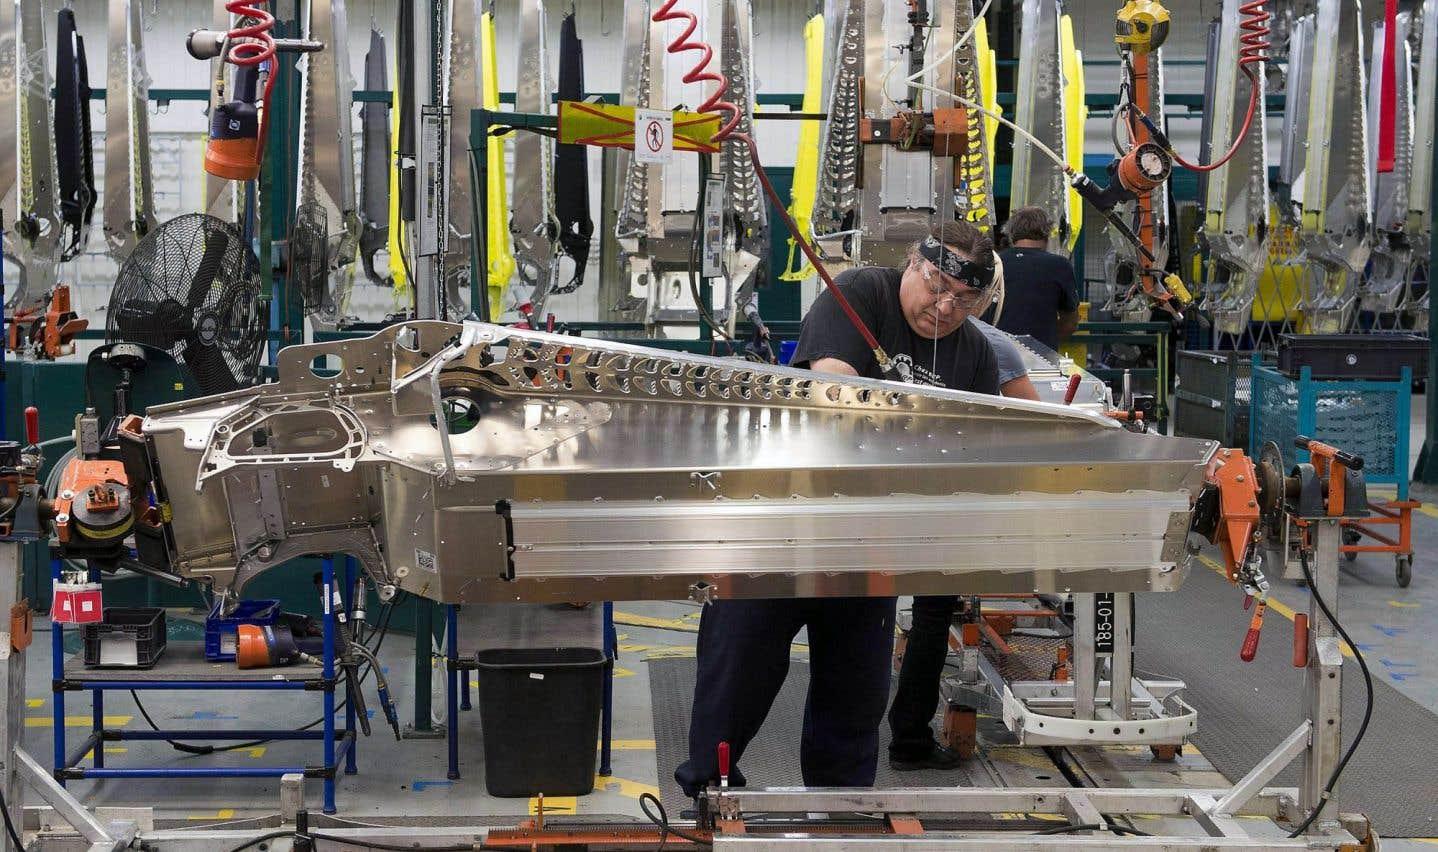 Le secteur manufacturier a été particulièrement touché, avec des pertes de milliers d'emplois occasionnées par des délocalisations et des changements technologiques. Le gouvernement Couillard a annoncé récemment un investissement de 700millions sur trois ans dans le secteur, affirmant vouloir soutenir des projets novateurs.